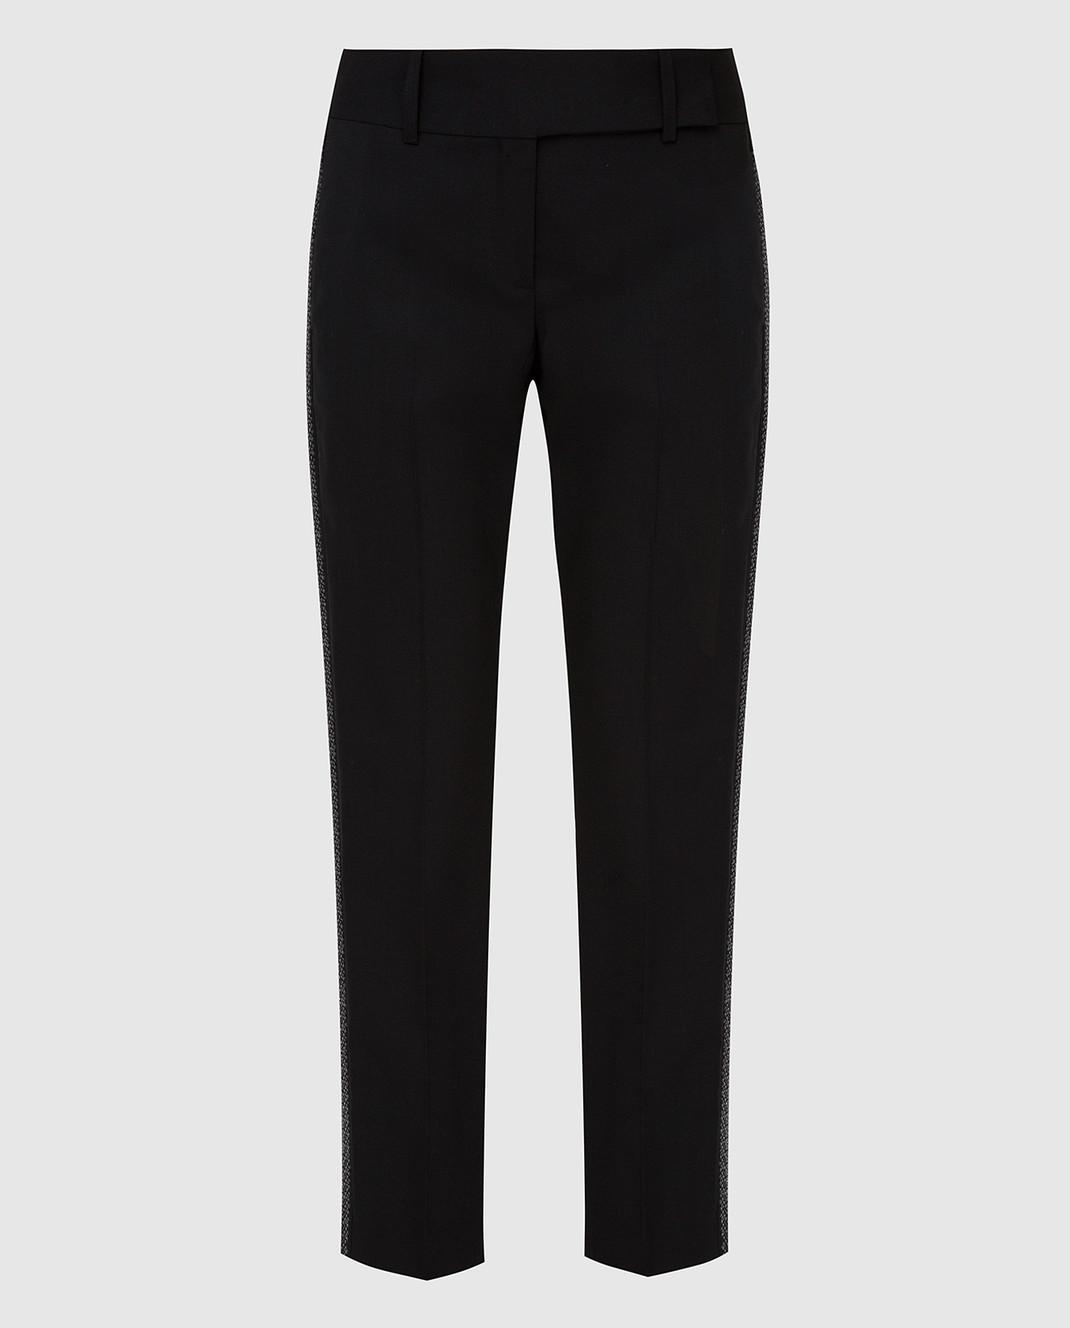 Ermanno Scervino Черные брюки из шерсти изображение 1